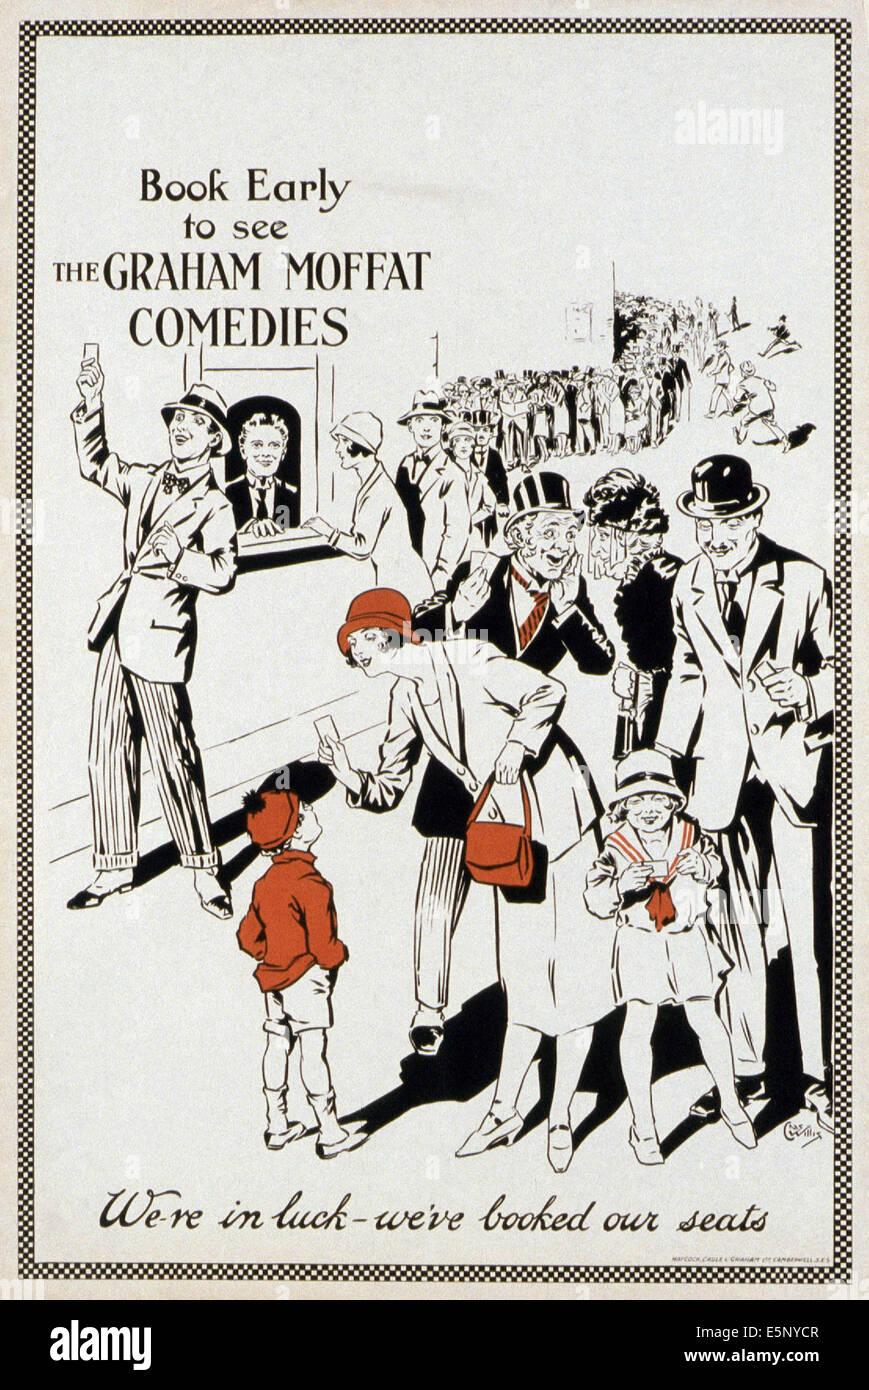 Generische Plakat für die Filme des britischen Komikers Graham Moffat, 1930er Jahre Stockbild